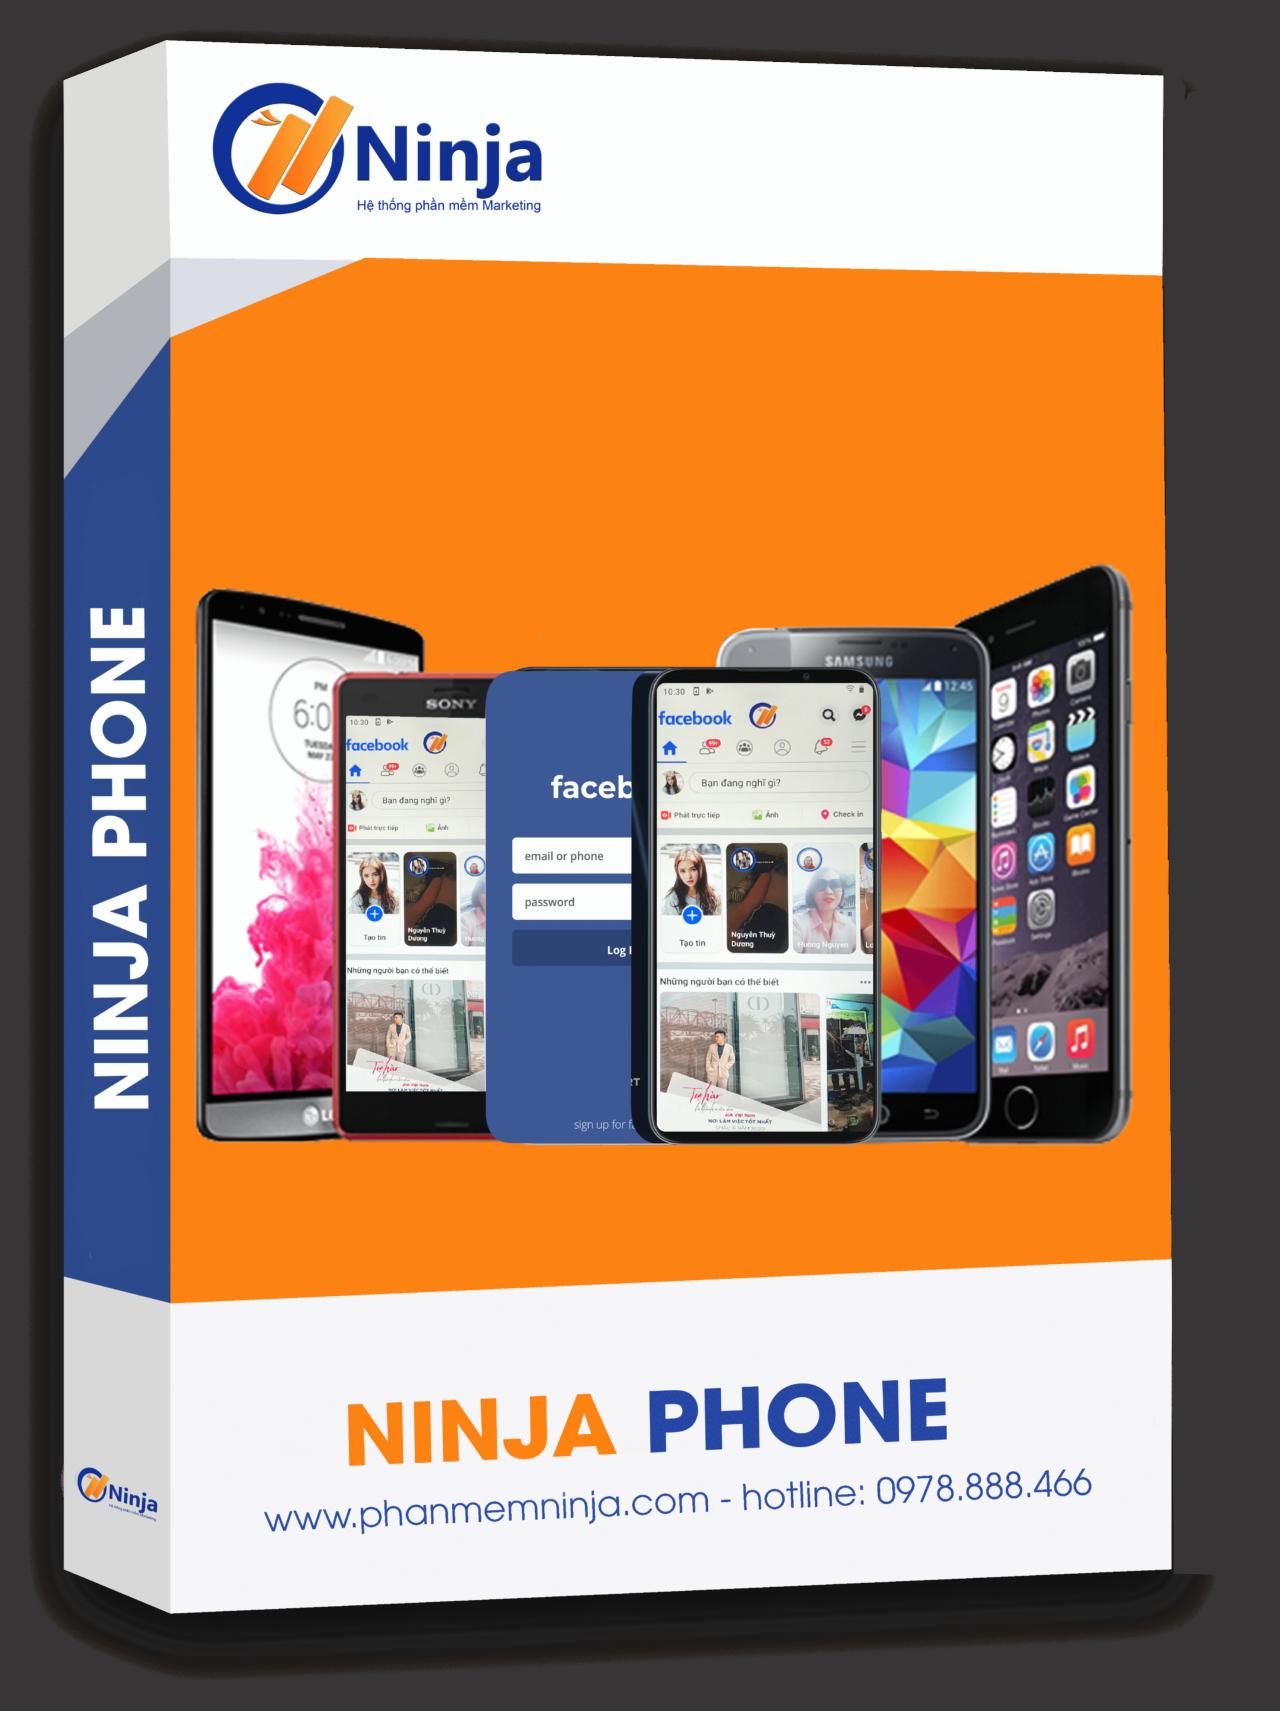 phan mem ninja phone